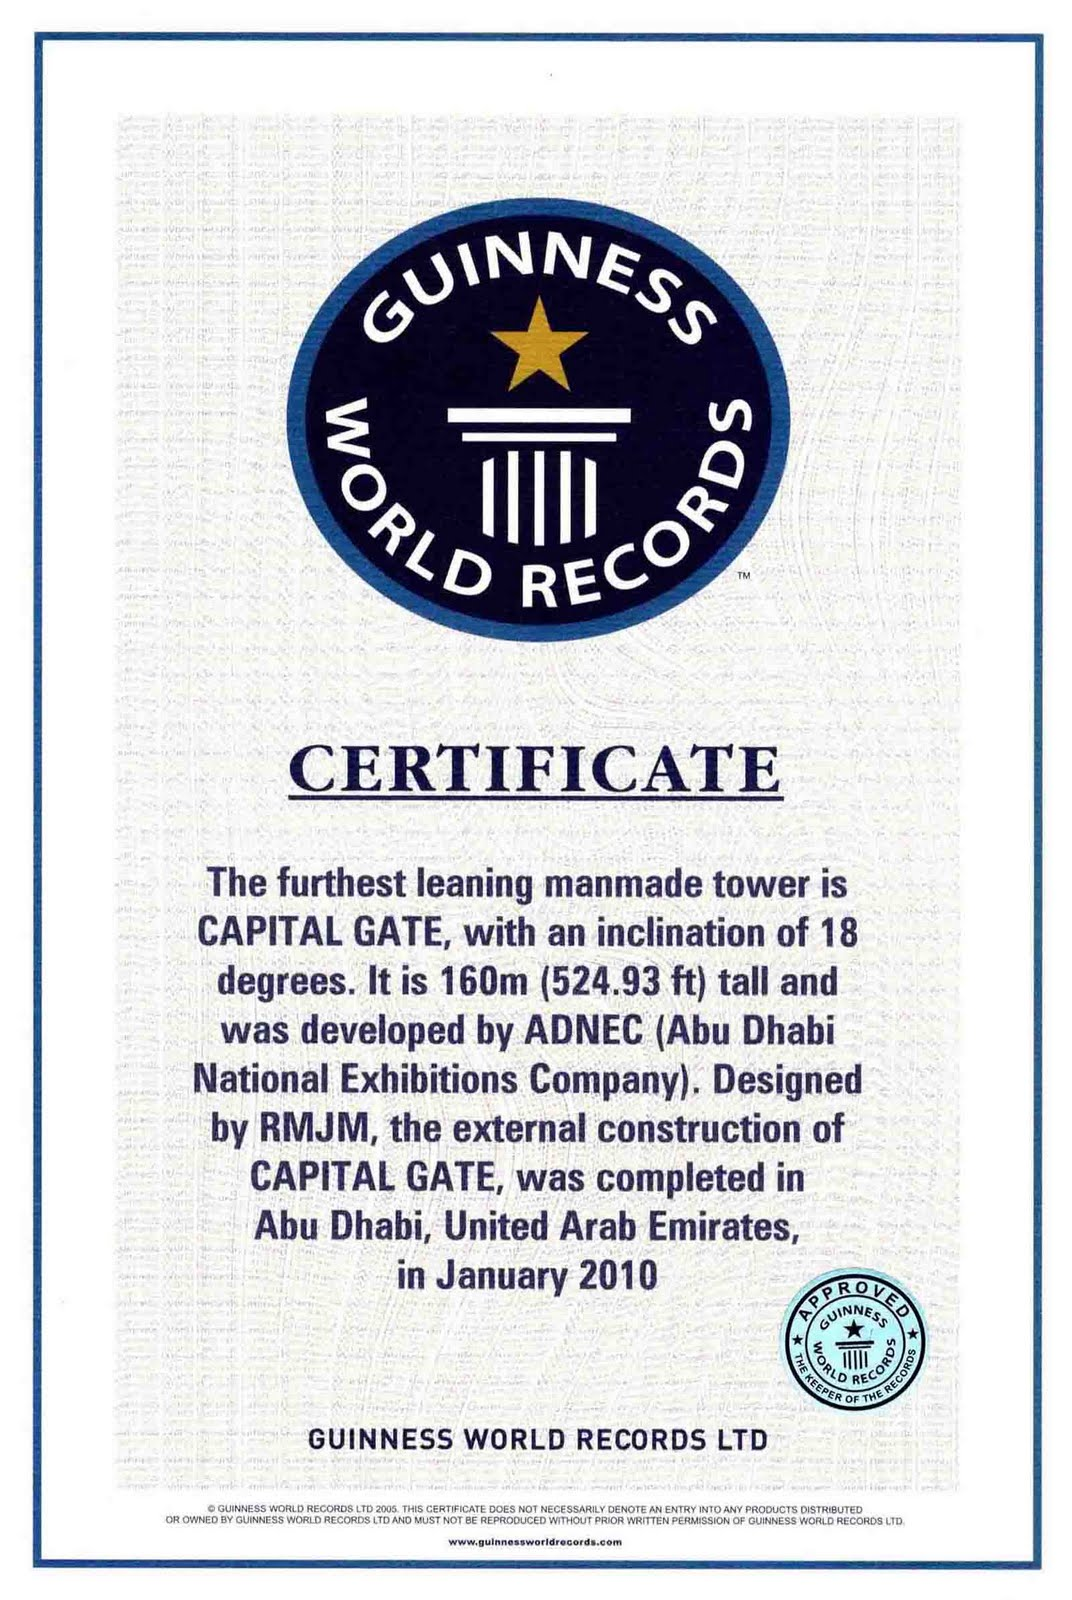 guinness world records hardest degree